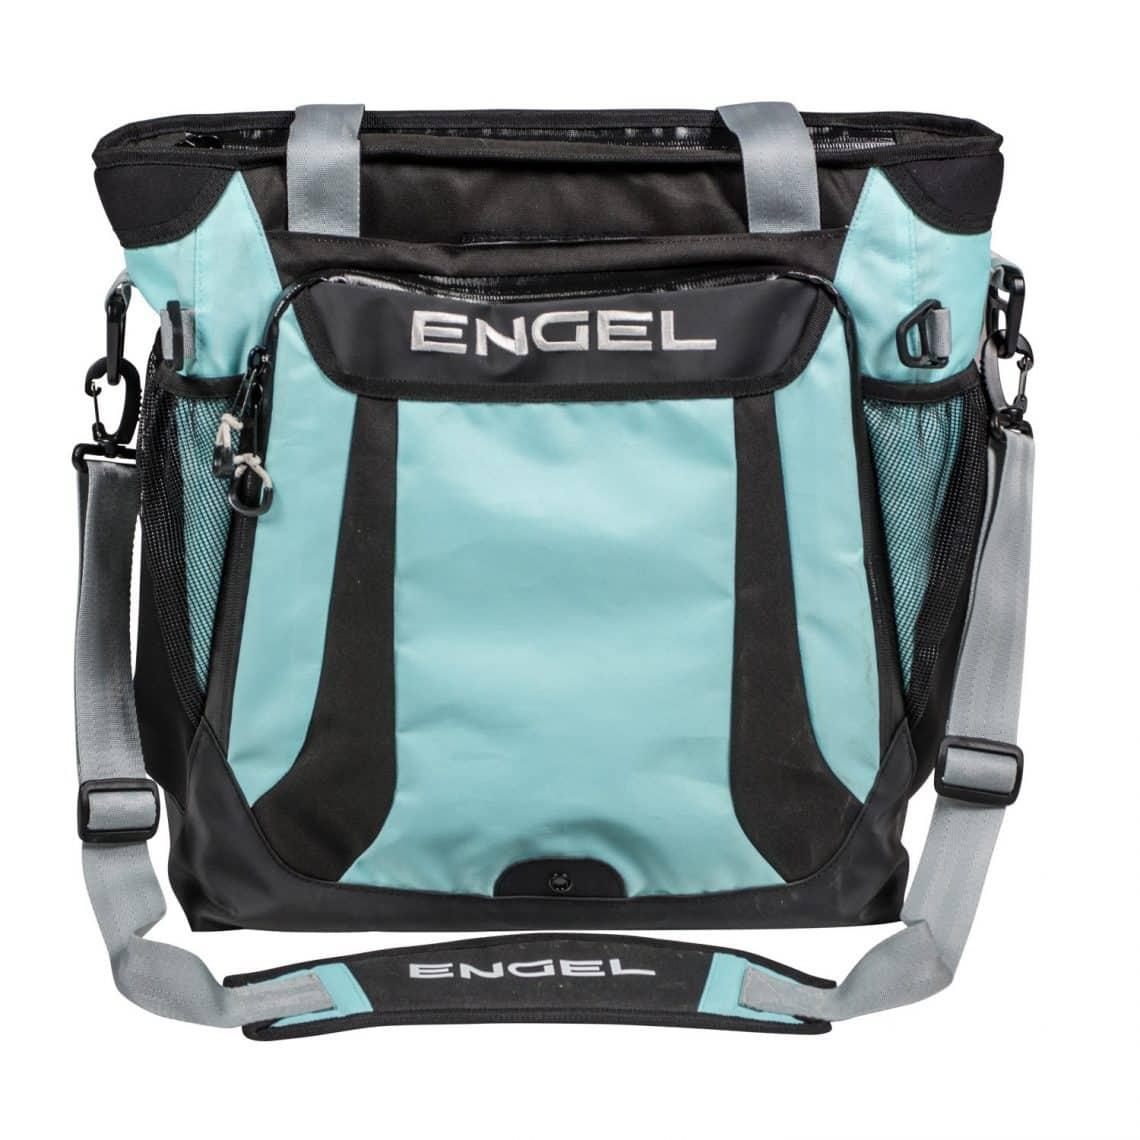 Engel Seafoam Backpack Cooler Northwoods Wholesale Outlet